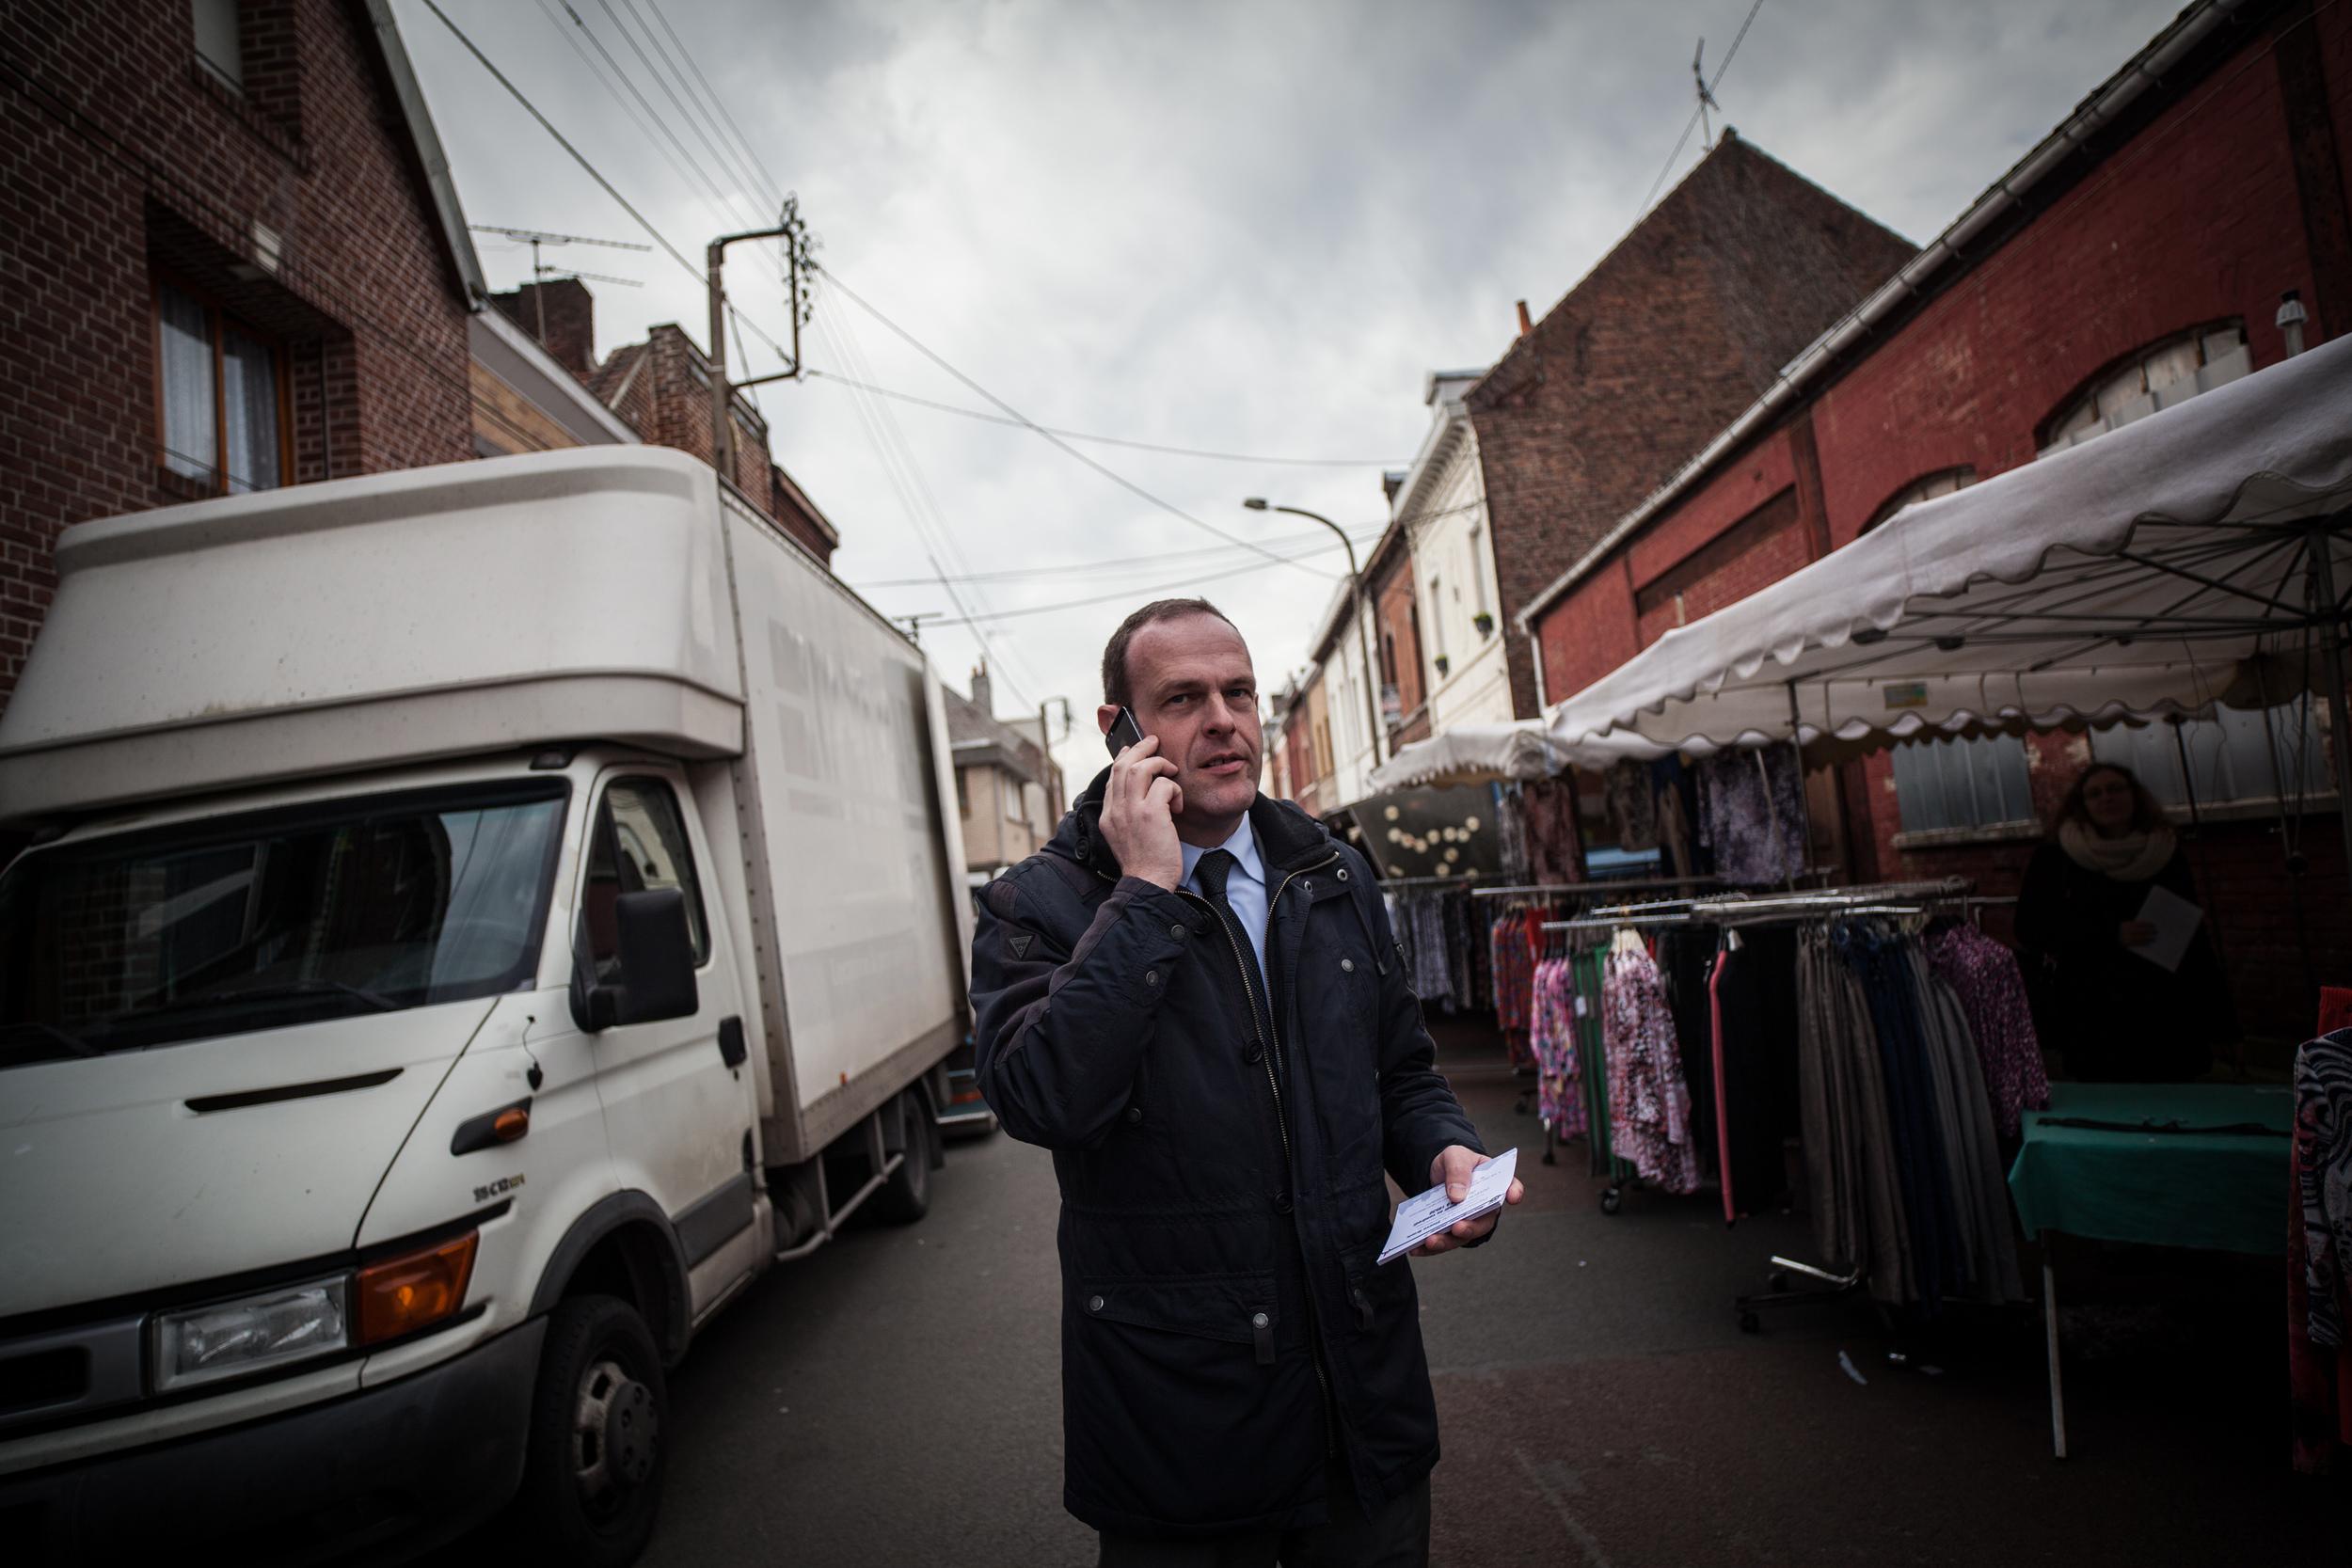 Reportage sur les élections municipales 2014 à Hénin-Beaumont. Steeve Briois est alors candidat FN. Il sera élu dès le premier tour.  Publié dans Croix du Nord.